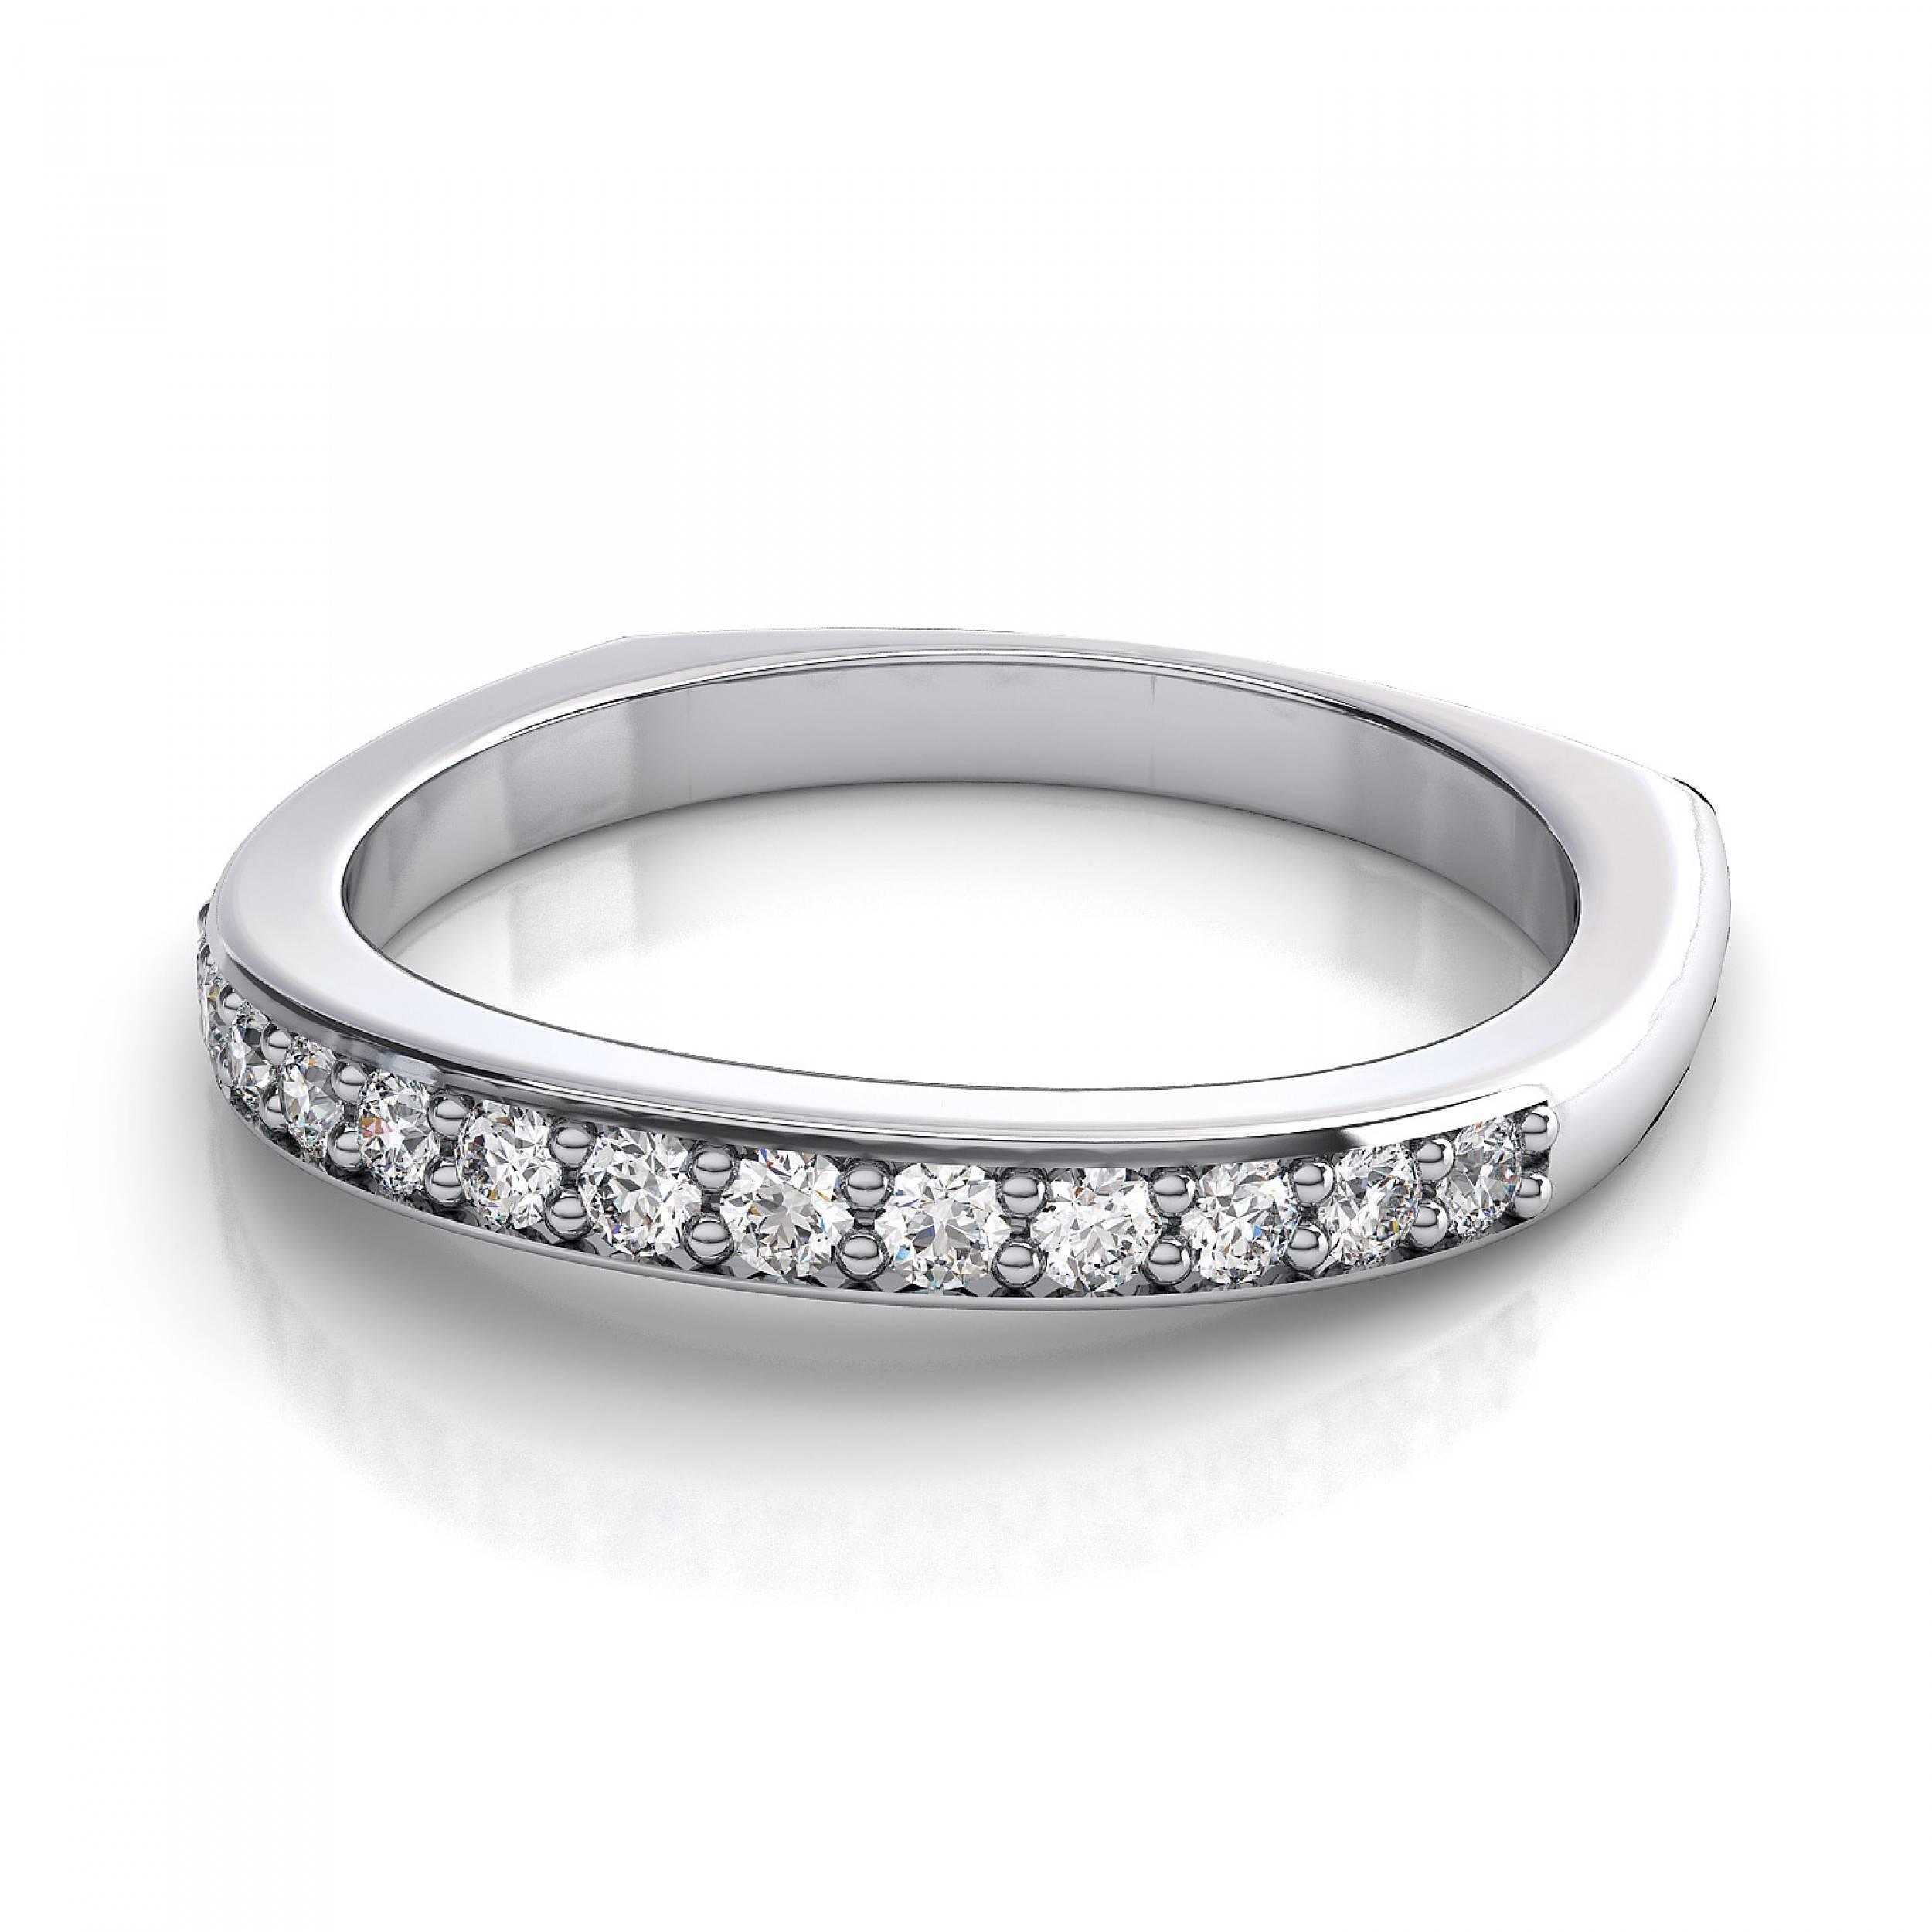 3.8Mm Vintage European Diamond Wedding Ring In Platinum In European Wedding Rings (Gallery 12 of 15)